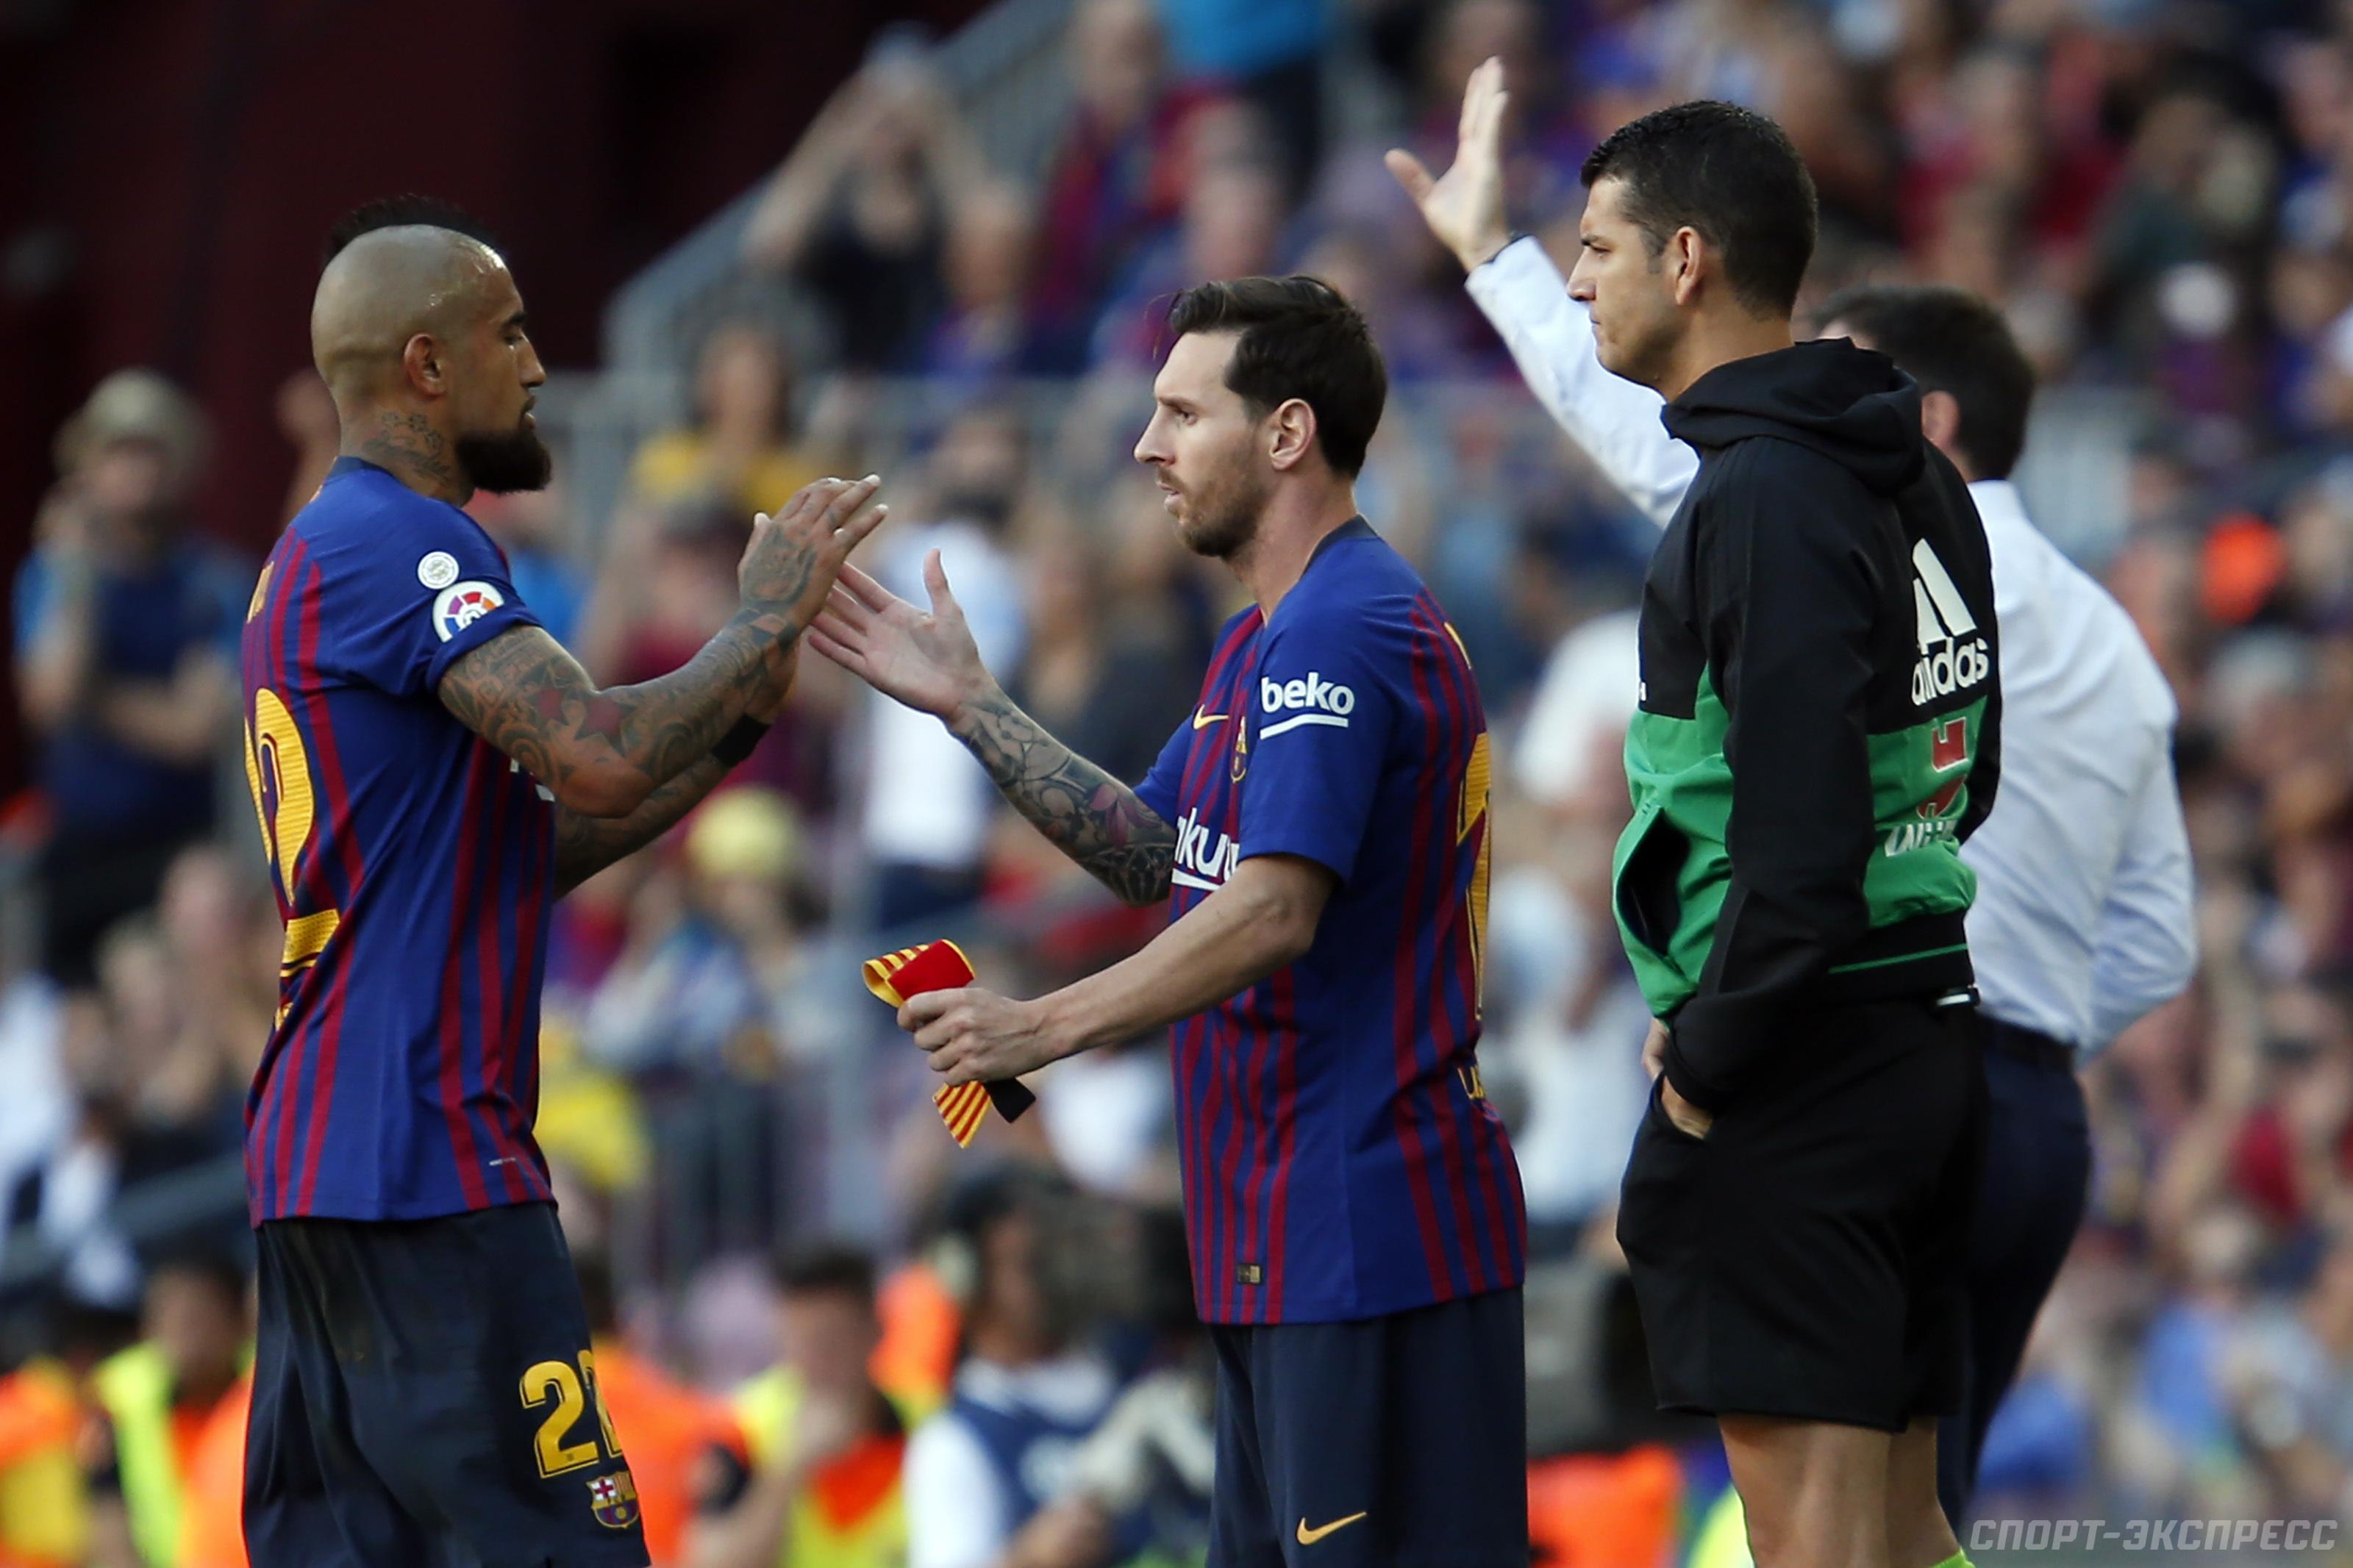 Прогноз на матч Барселона - Сельта 03 декабря 2017